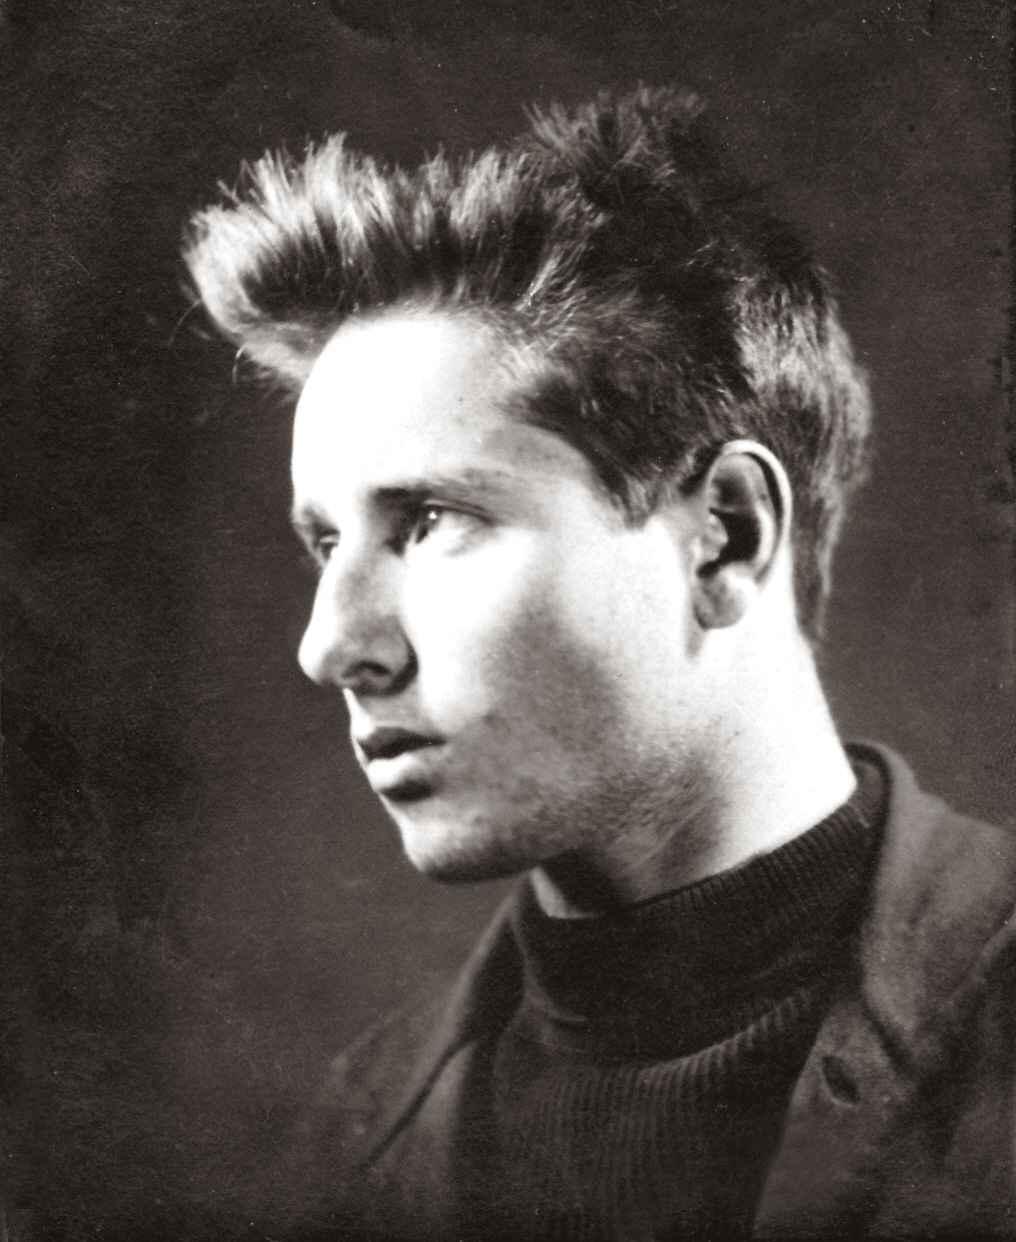 Экспонат #9. Владислав Микоша на экзаменах в ГТКа. 1929 год